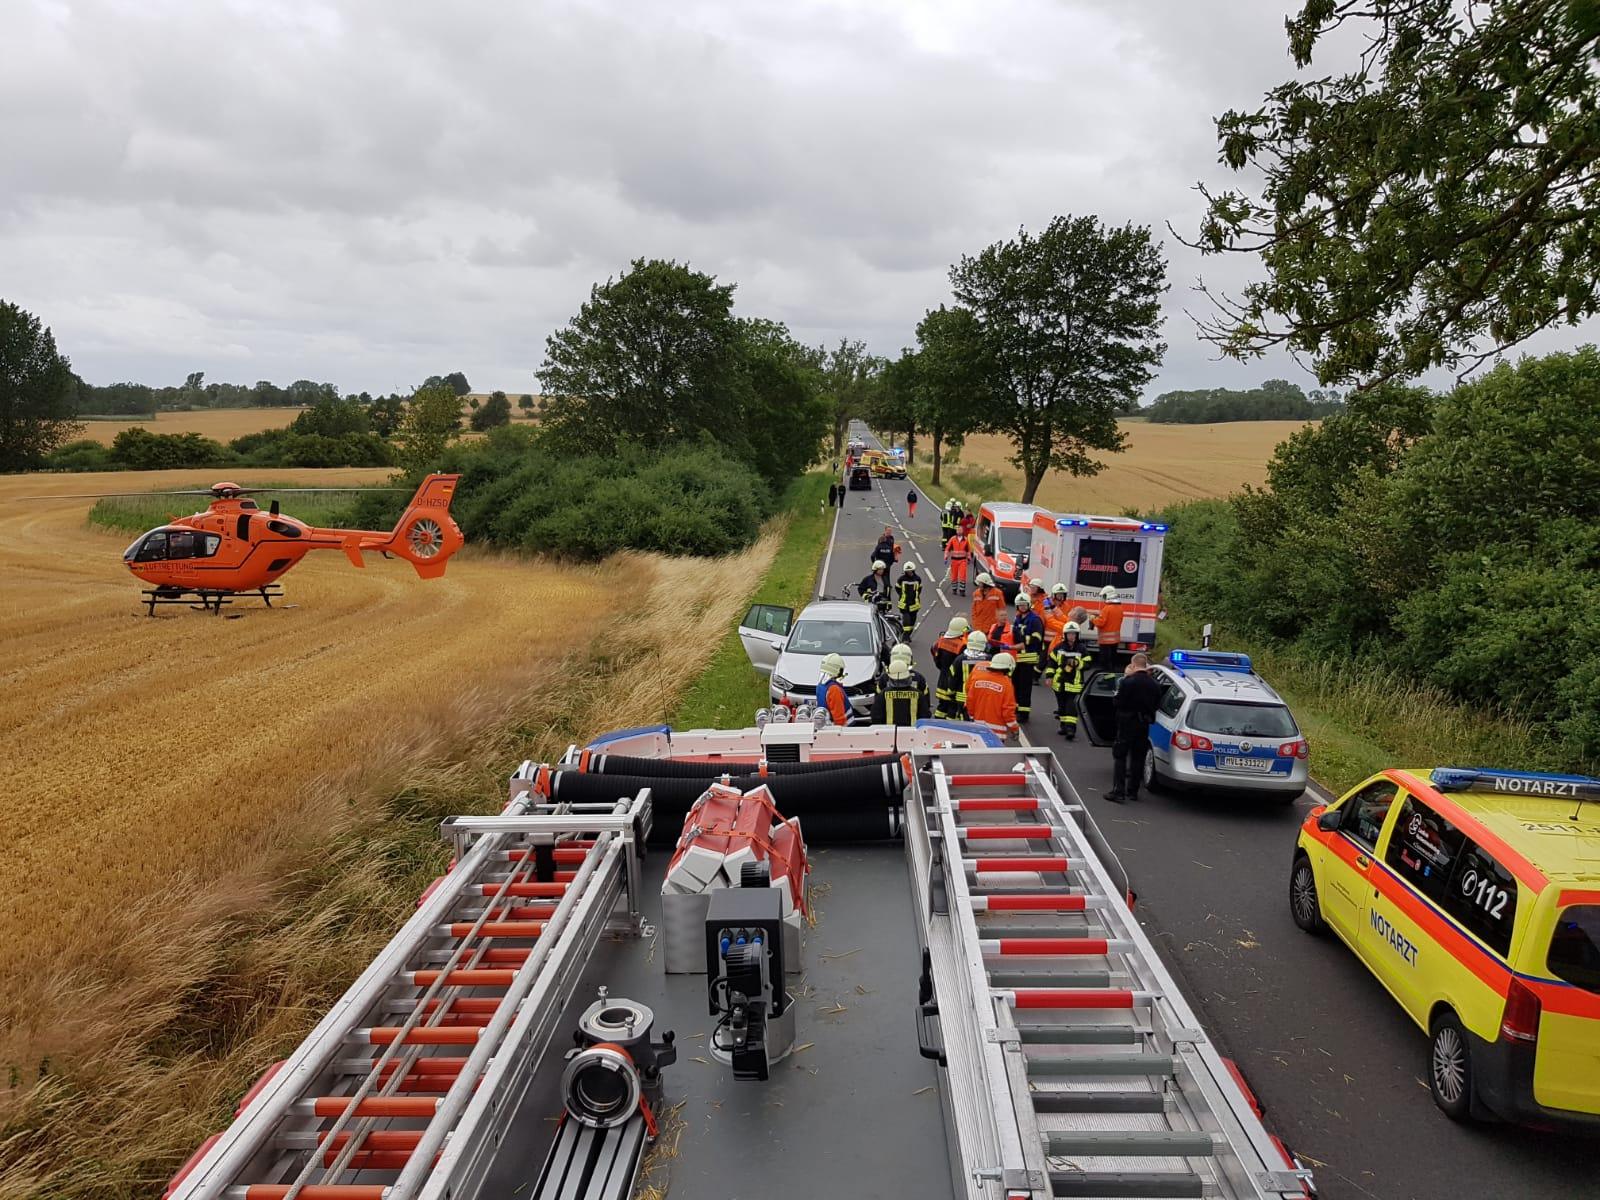 2019-07-07_Technische-Hilfeleistungseinsatz_VKU-8-Verletzte-Personen9